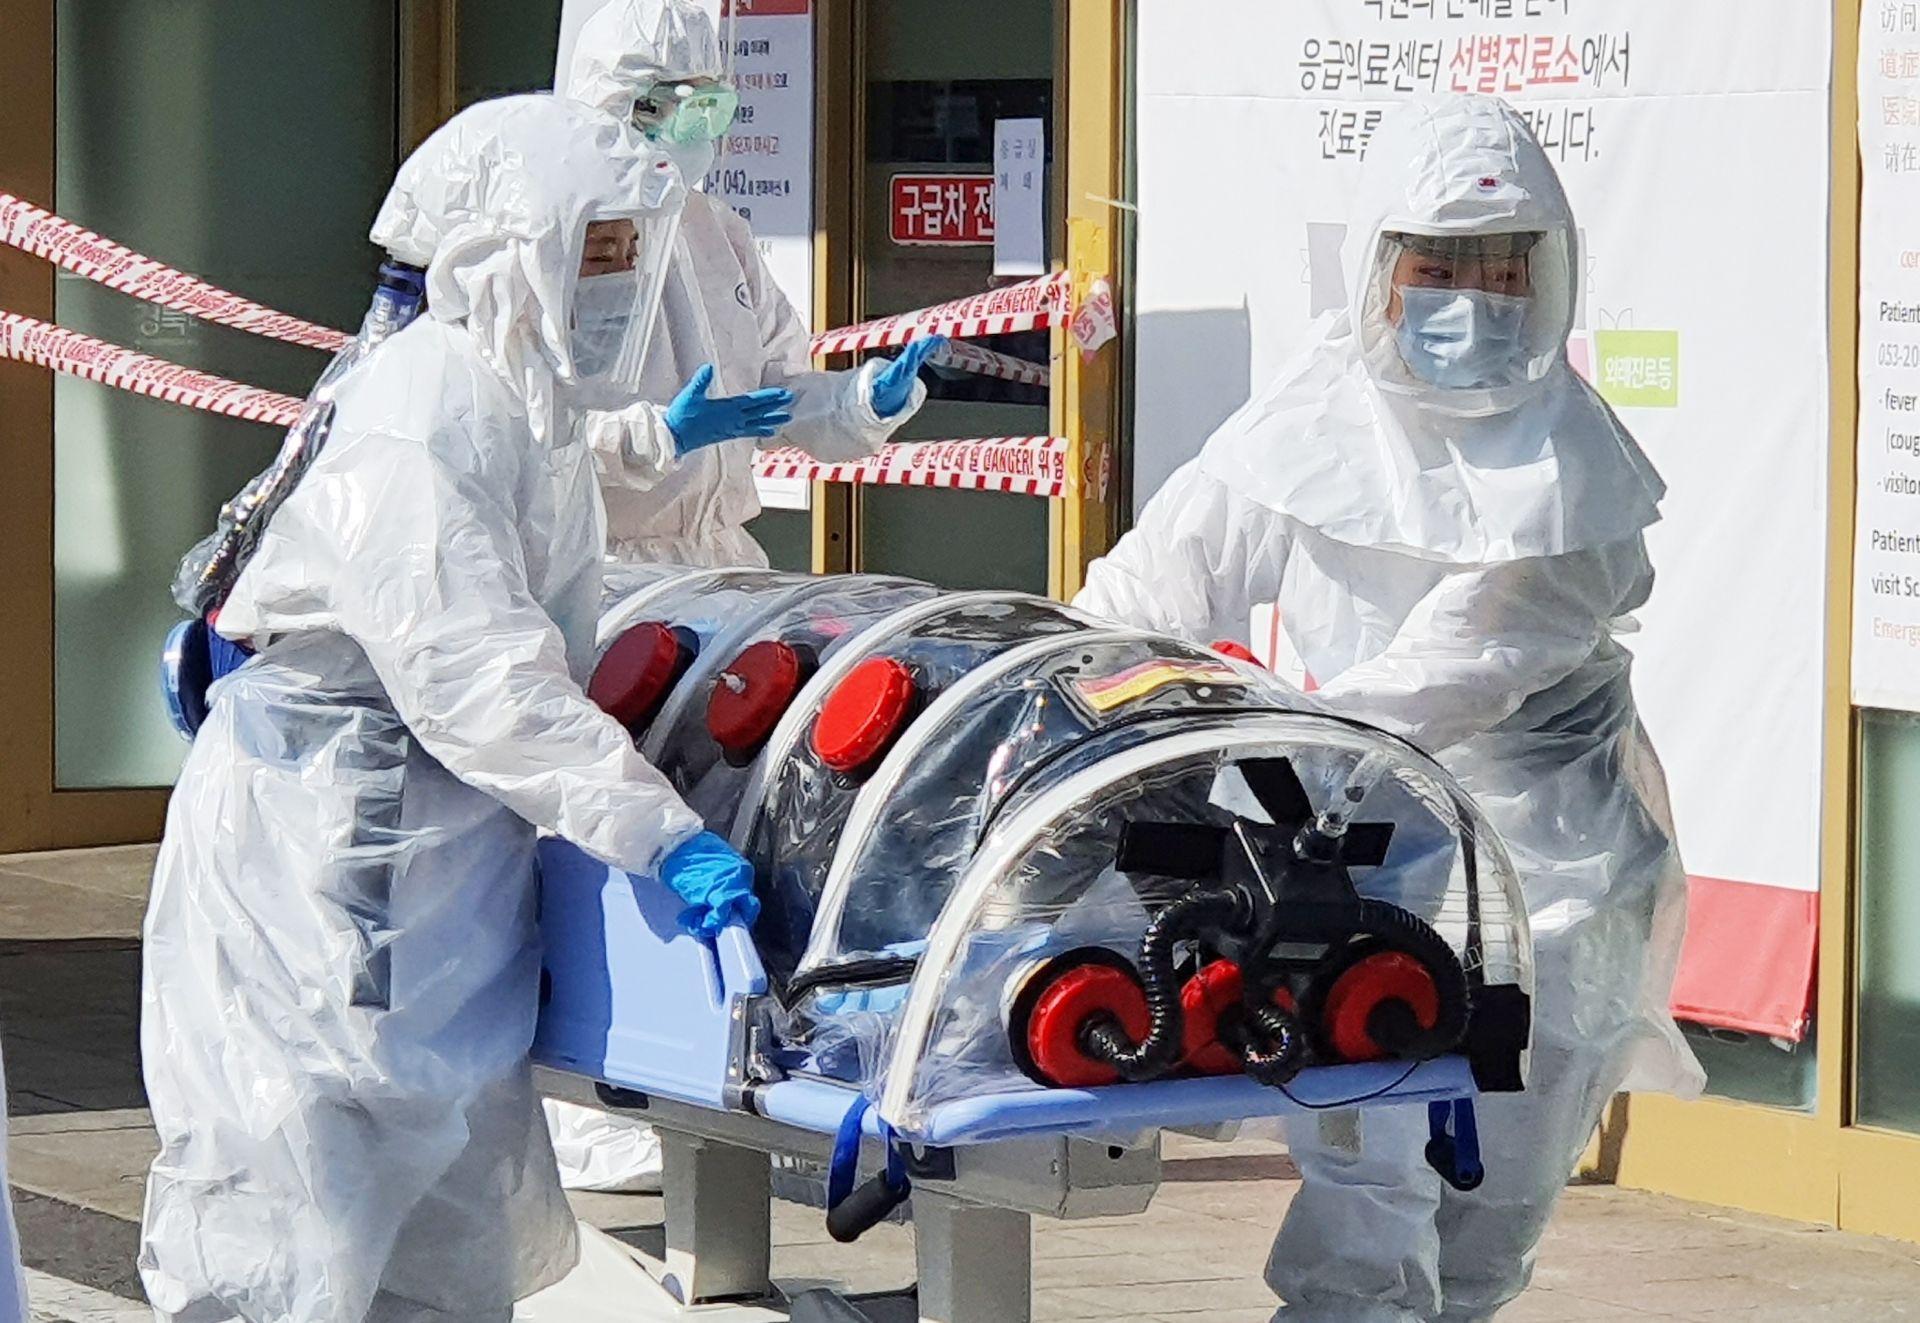 Hàn Quốc có bệnh nhân đầu tiên tử vong vì virus corona, số ca nhiễm đã tăng lên 104 - Ảnh 2.